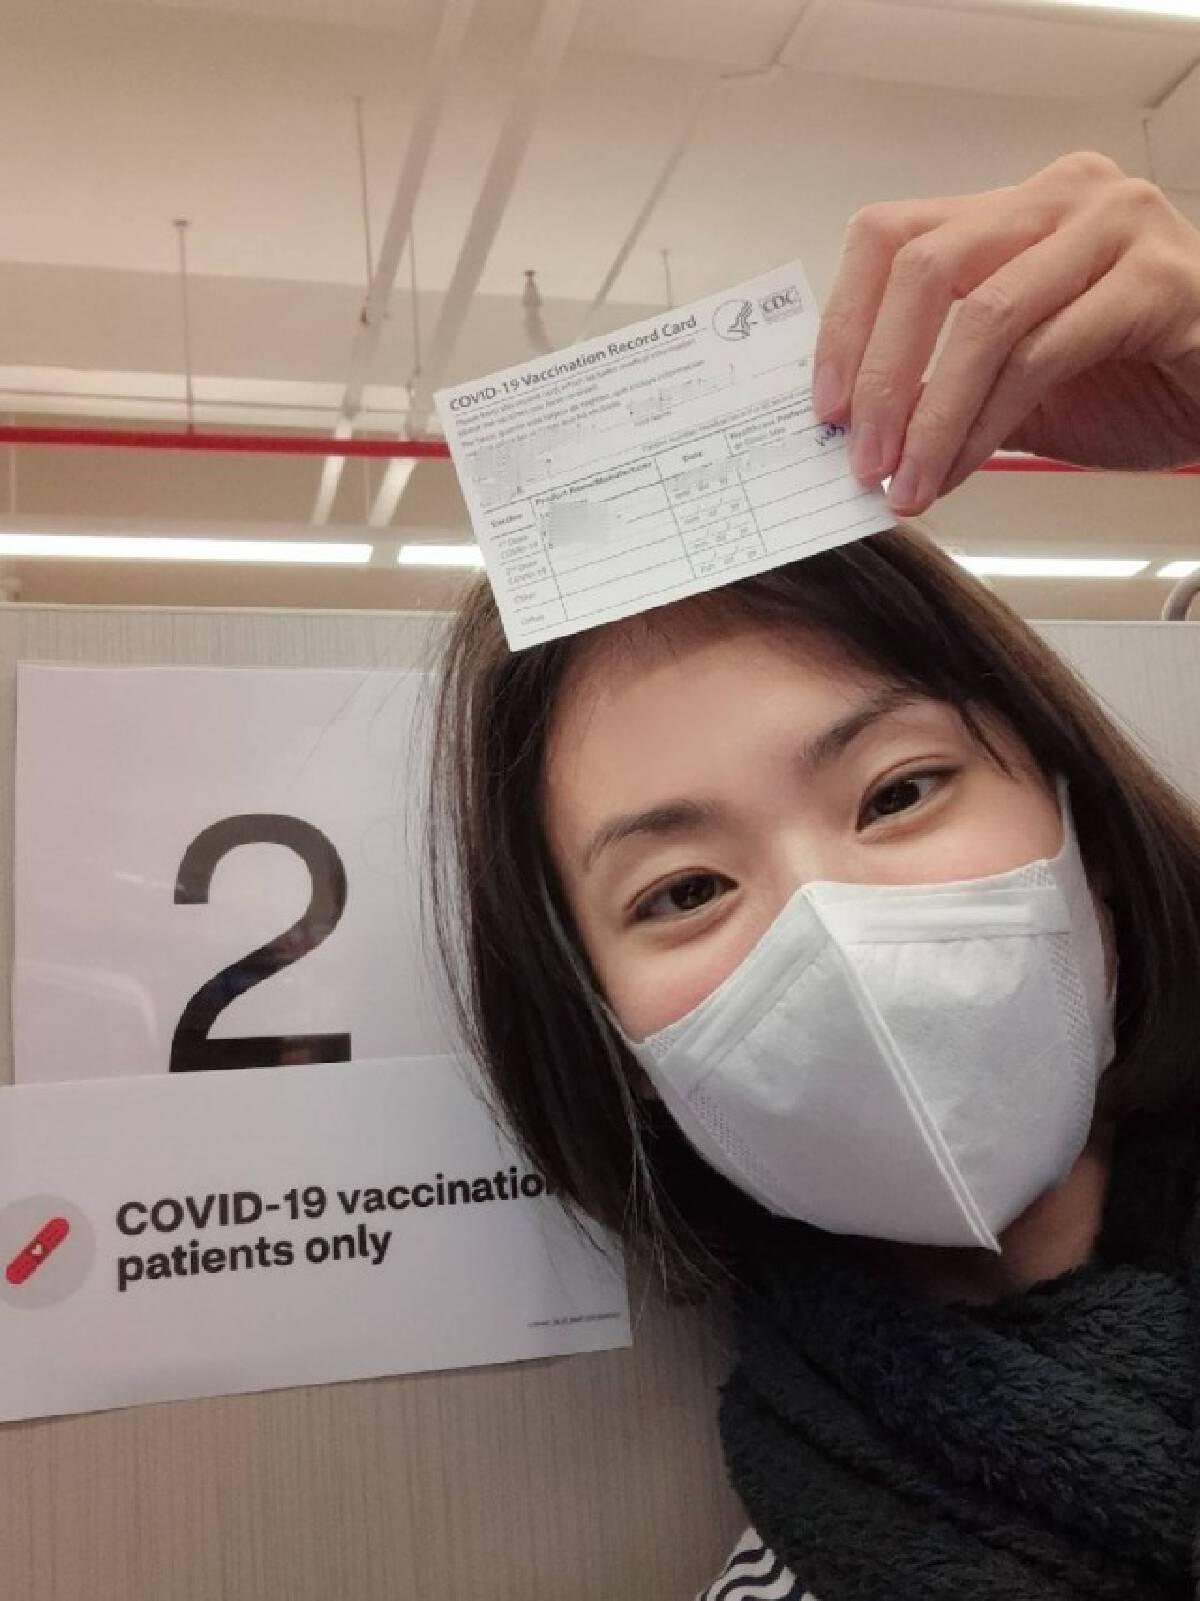 """""""มิ้นท์"""" รีวิวฉีด """"ไฟเซอร์"""" ที่สหรัฐ แซะไทยมีข้อจำกัดเรื่องวัคซีน"""